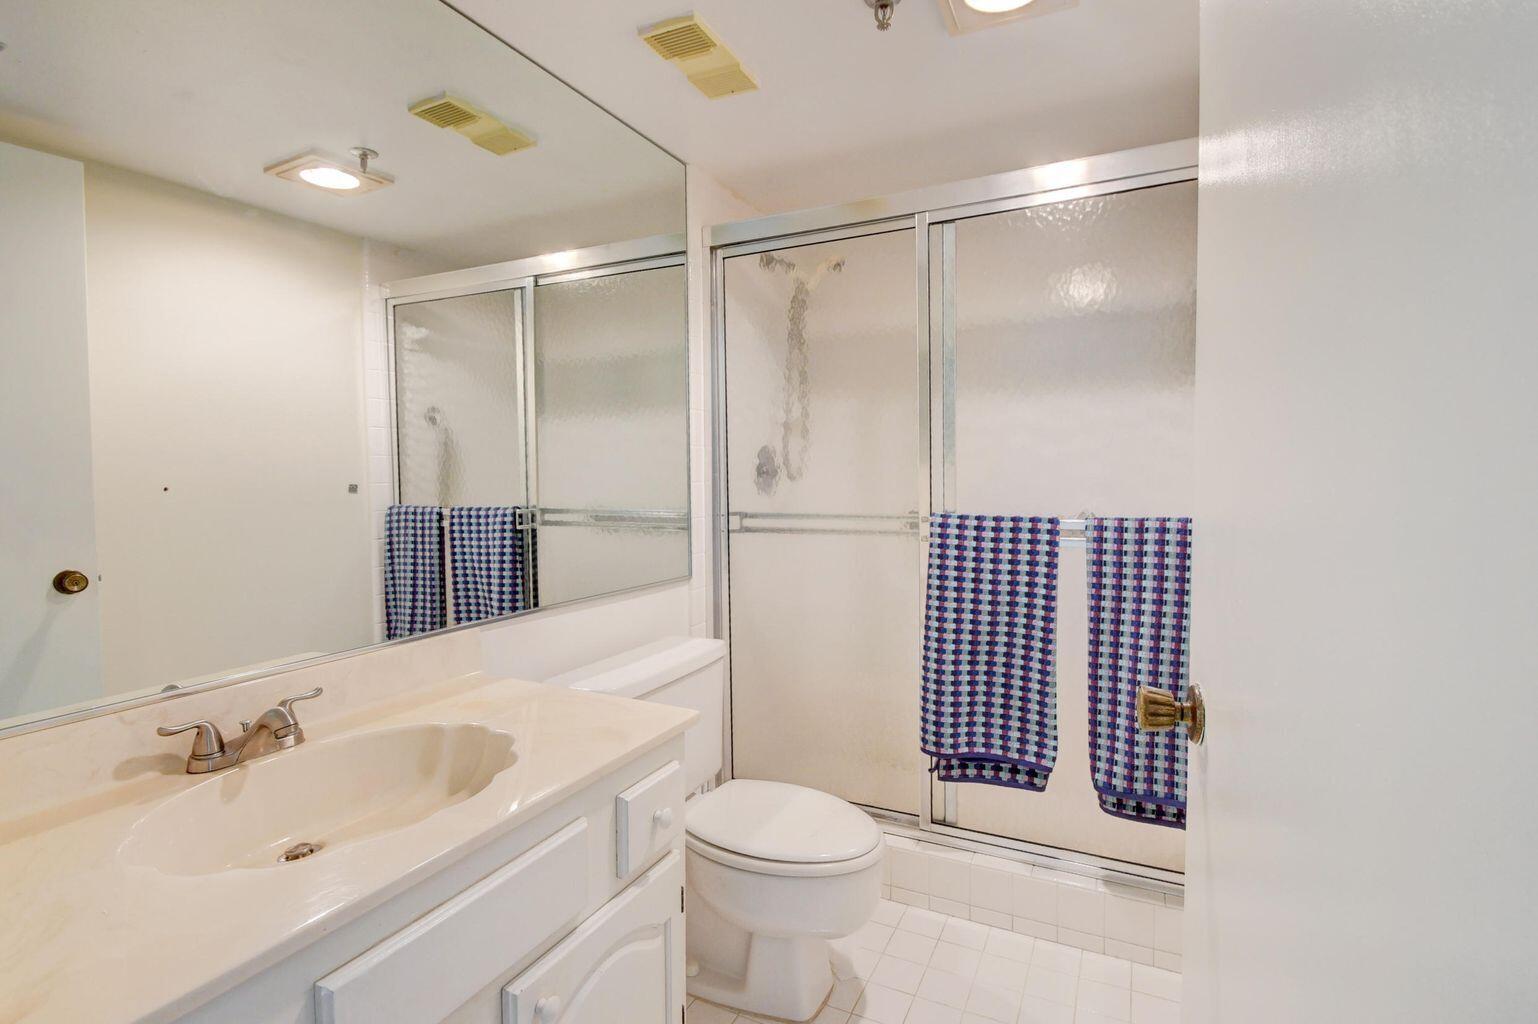 3036 - Bathroom